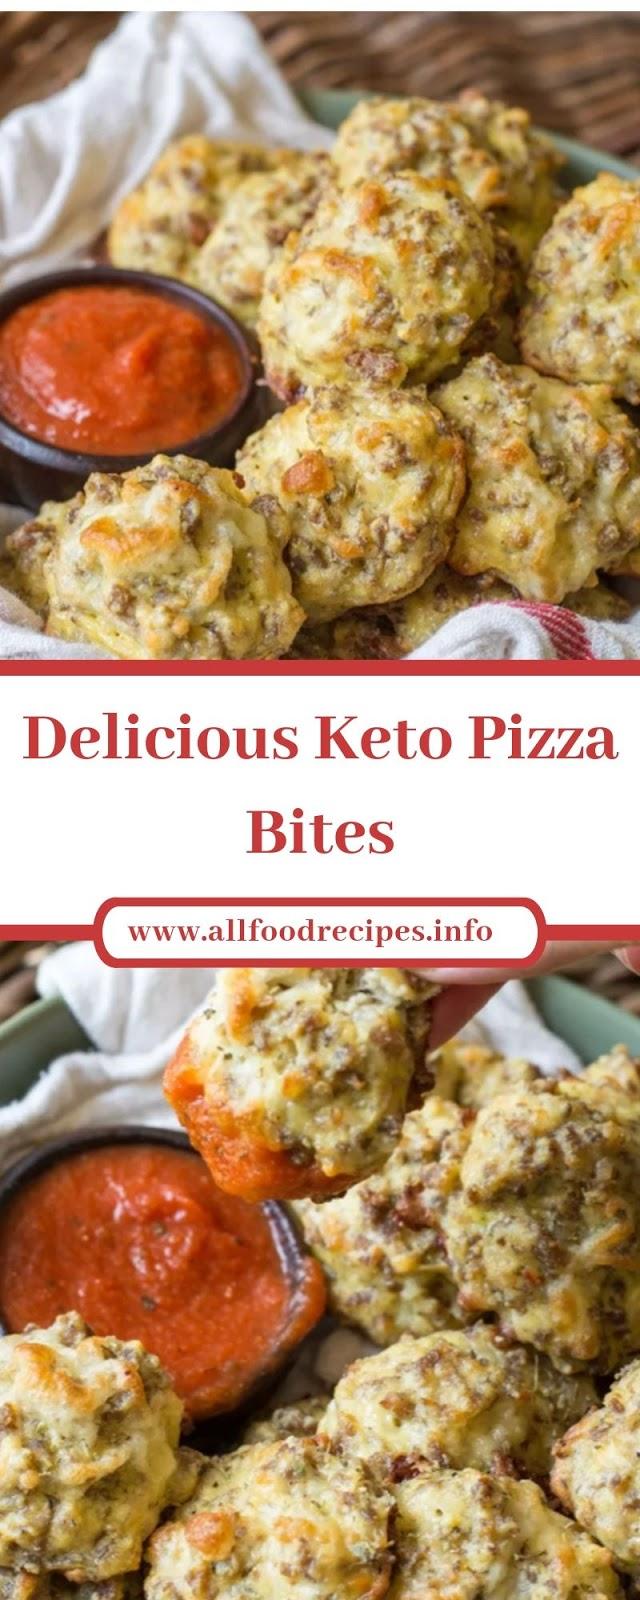 Delicious Keto Pizza Bites